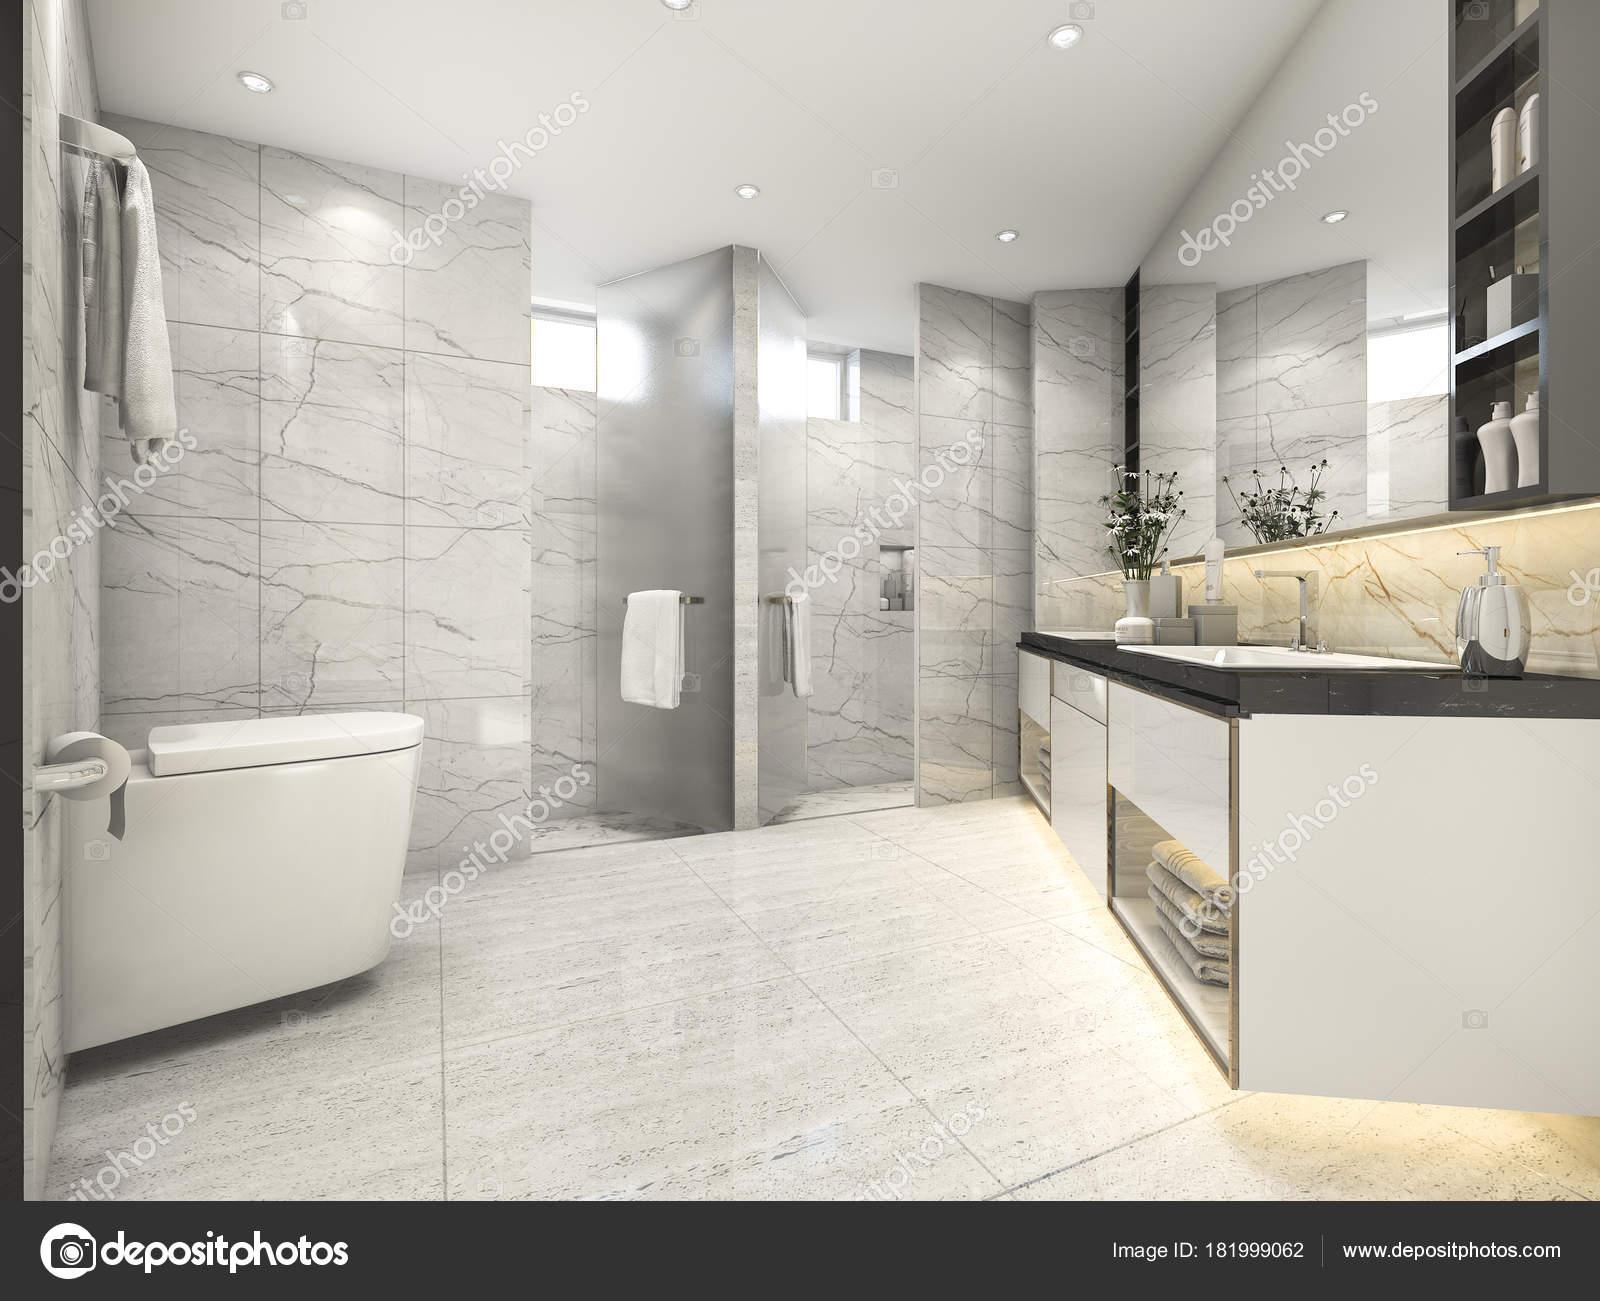 Stanza bagno vintage moderno rendering crema con decorazioni